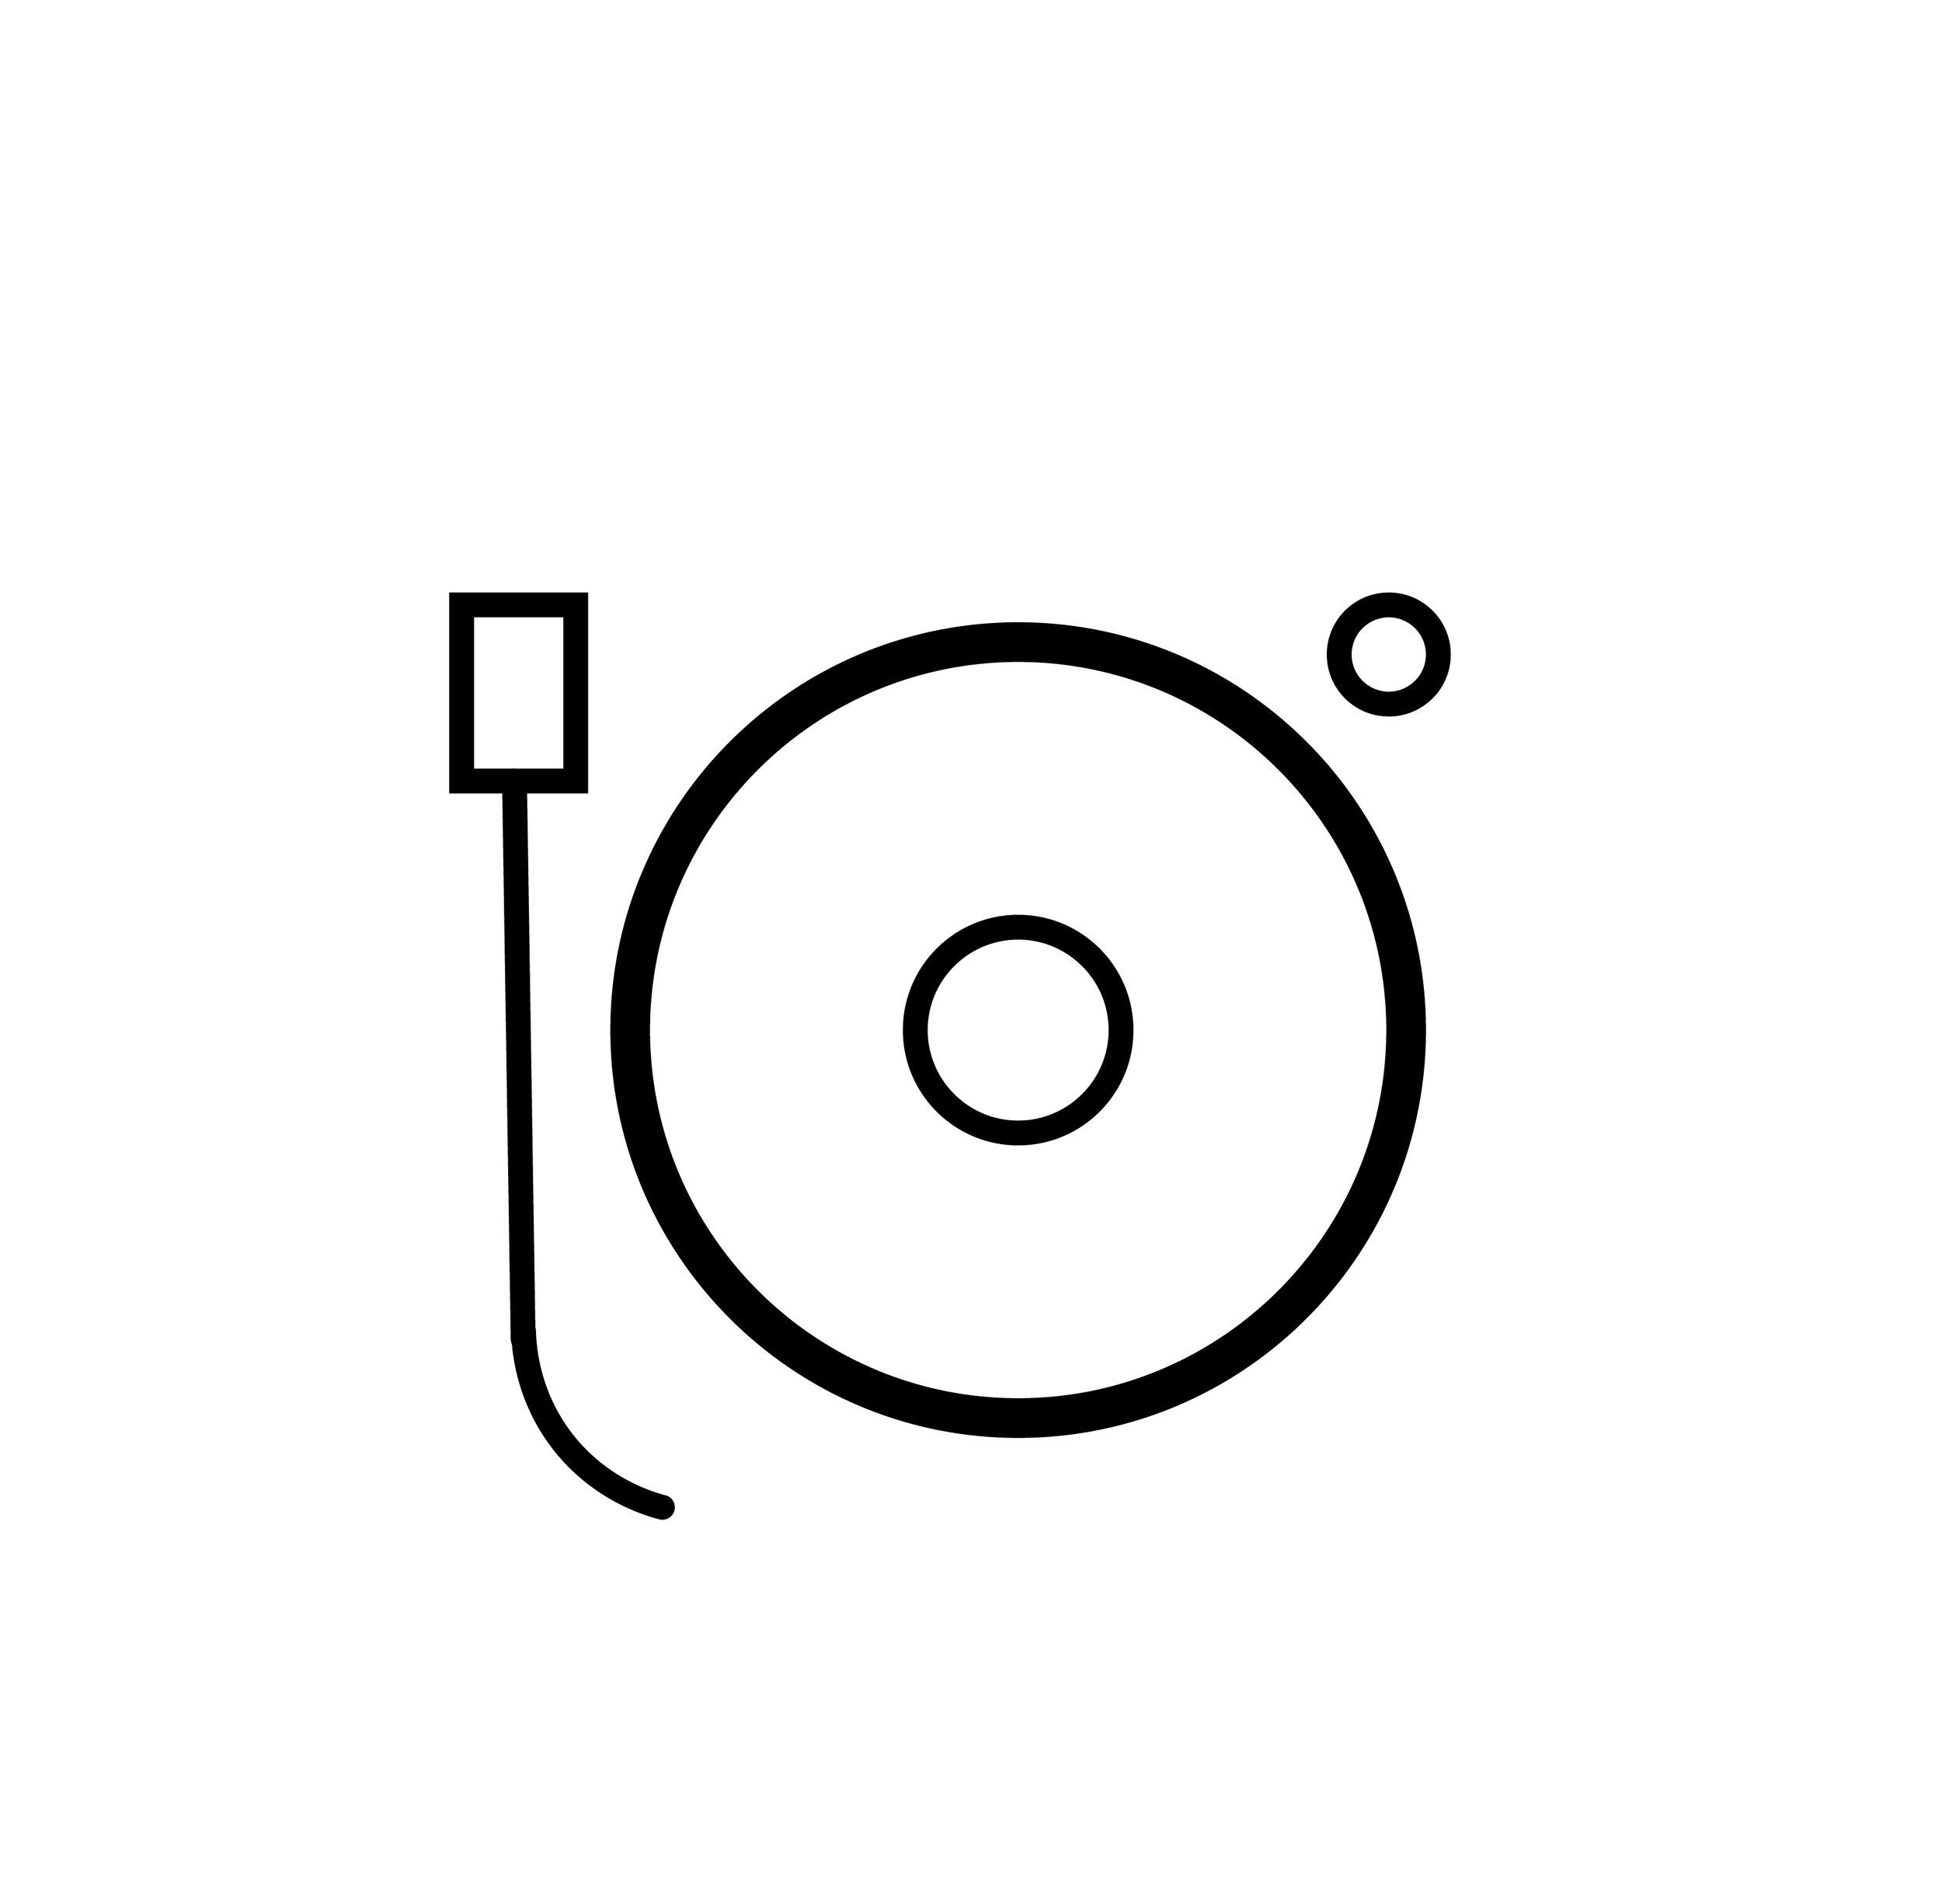 hiphop-02.jpg